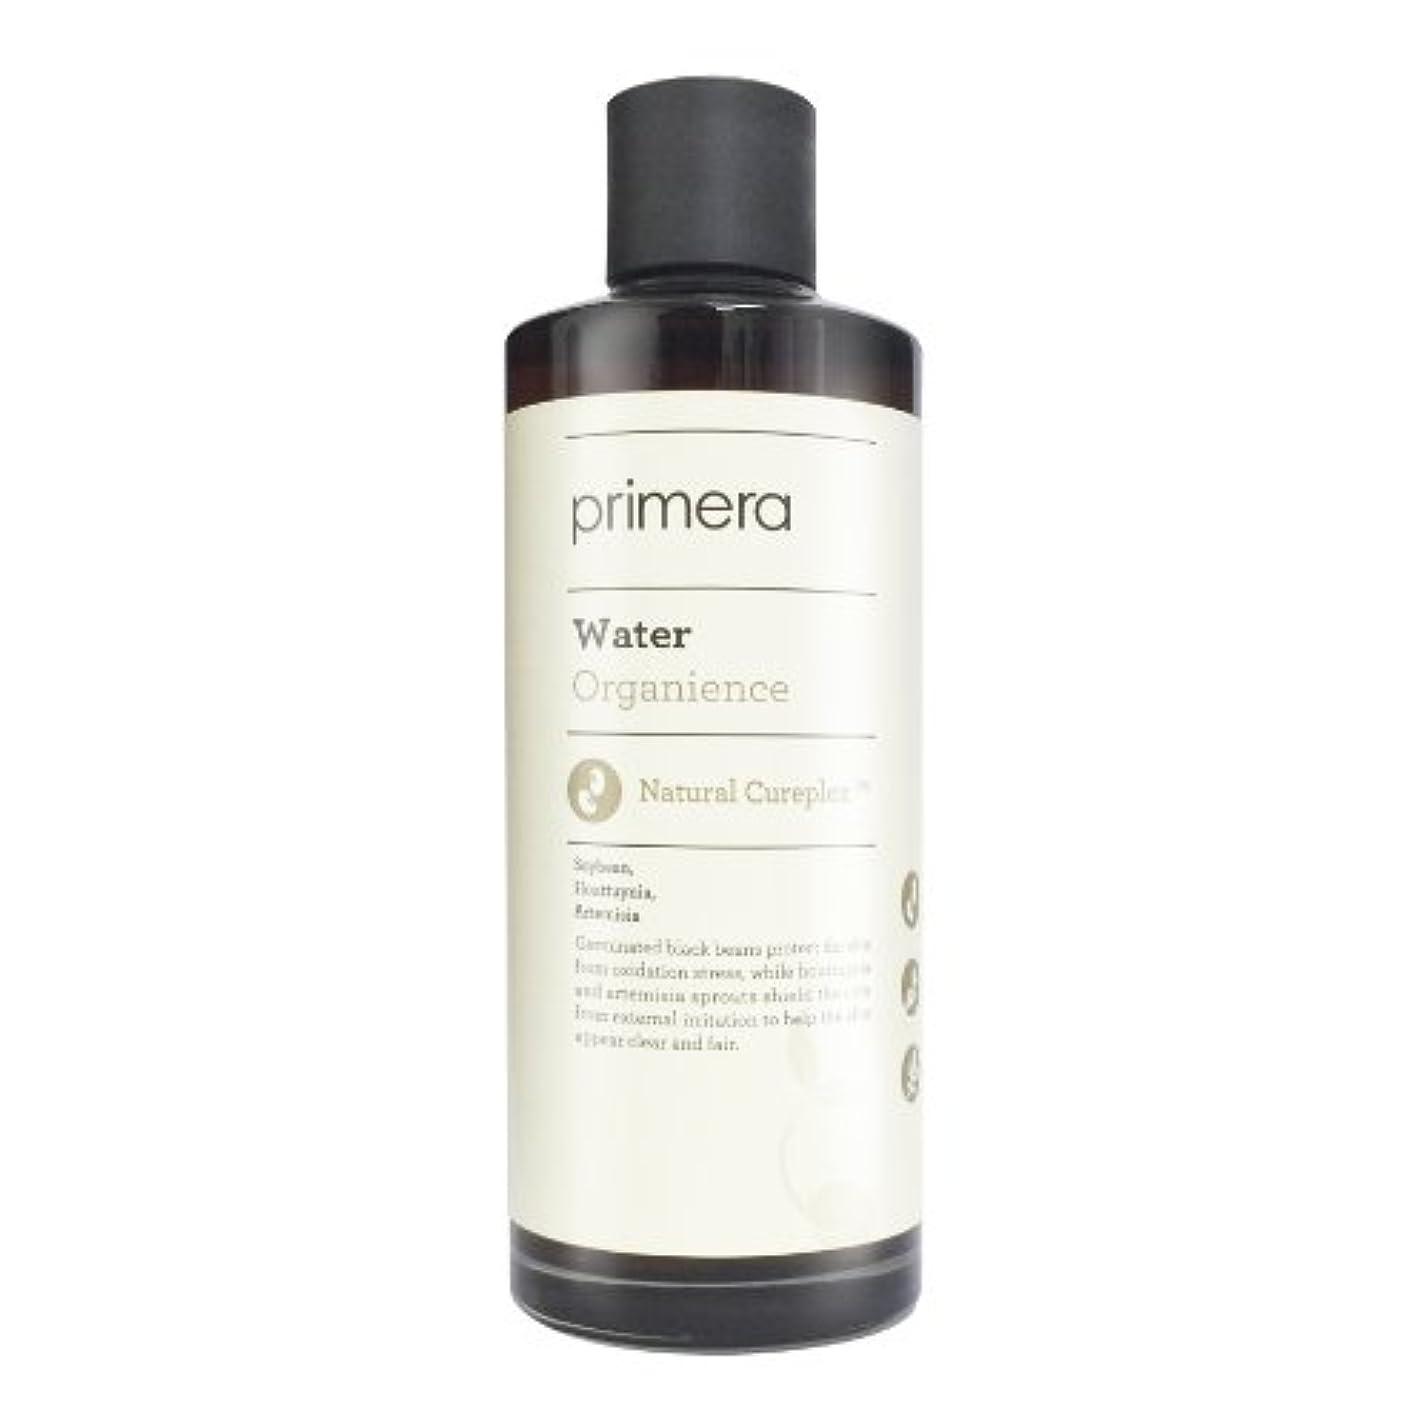 保守的アルファベット特異性Primera/プリメラ オーガニエンスウォーター180ml(Organience water)